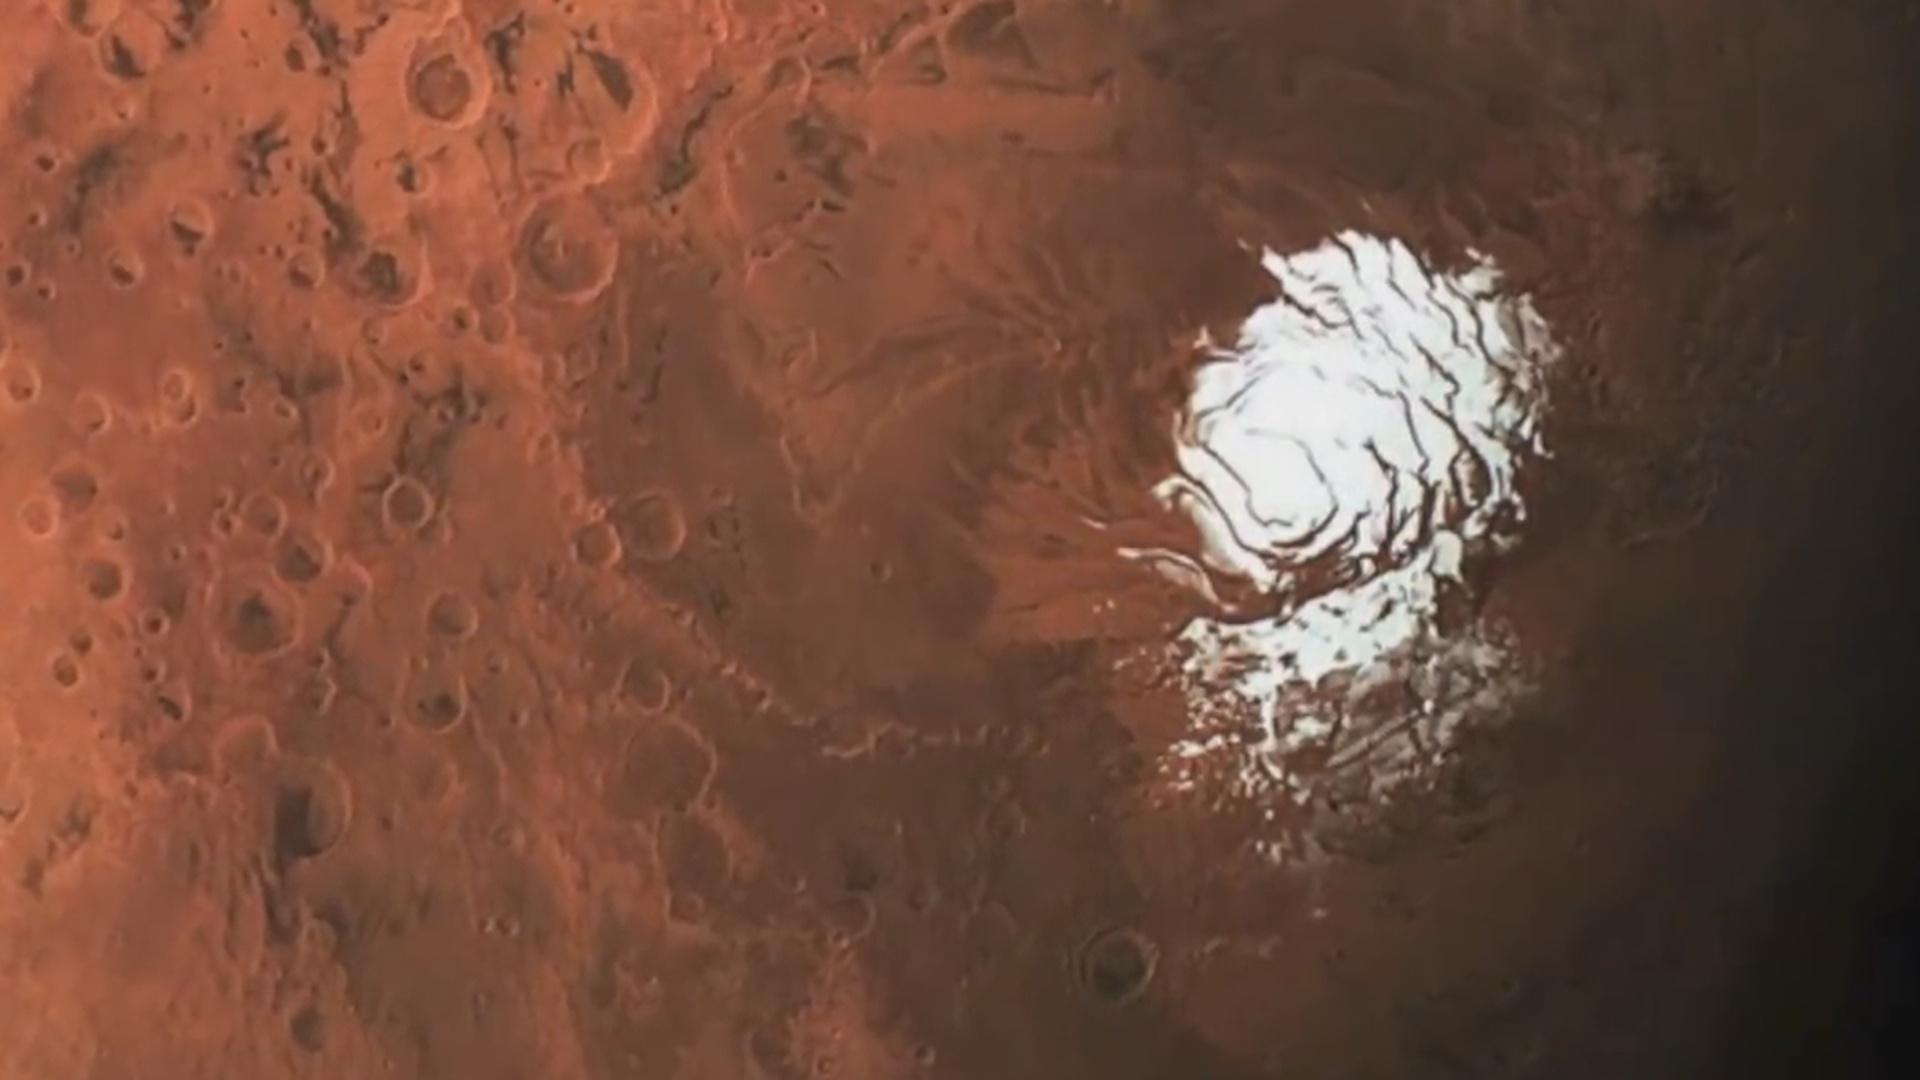 Marsda həyat planetin üstündə yox, altında ola bilər